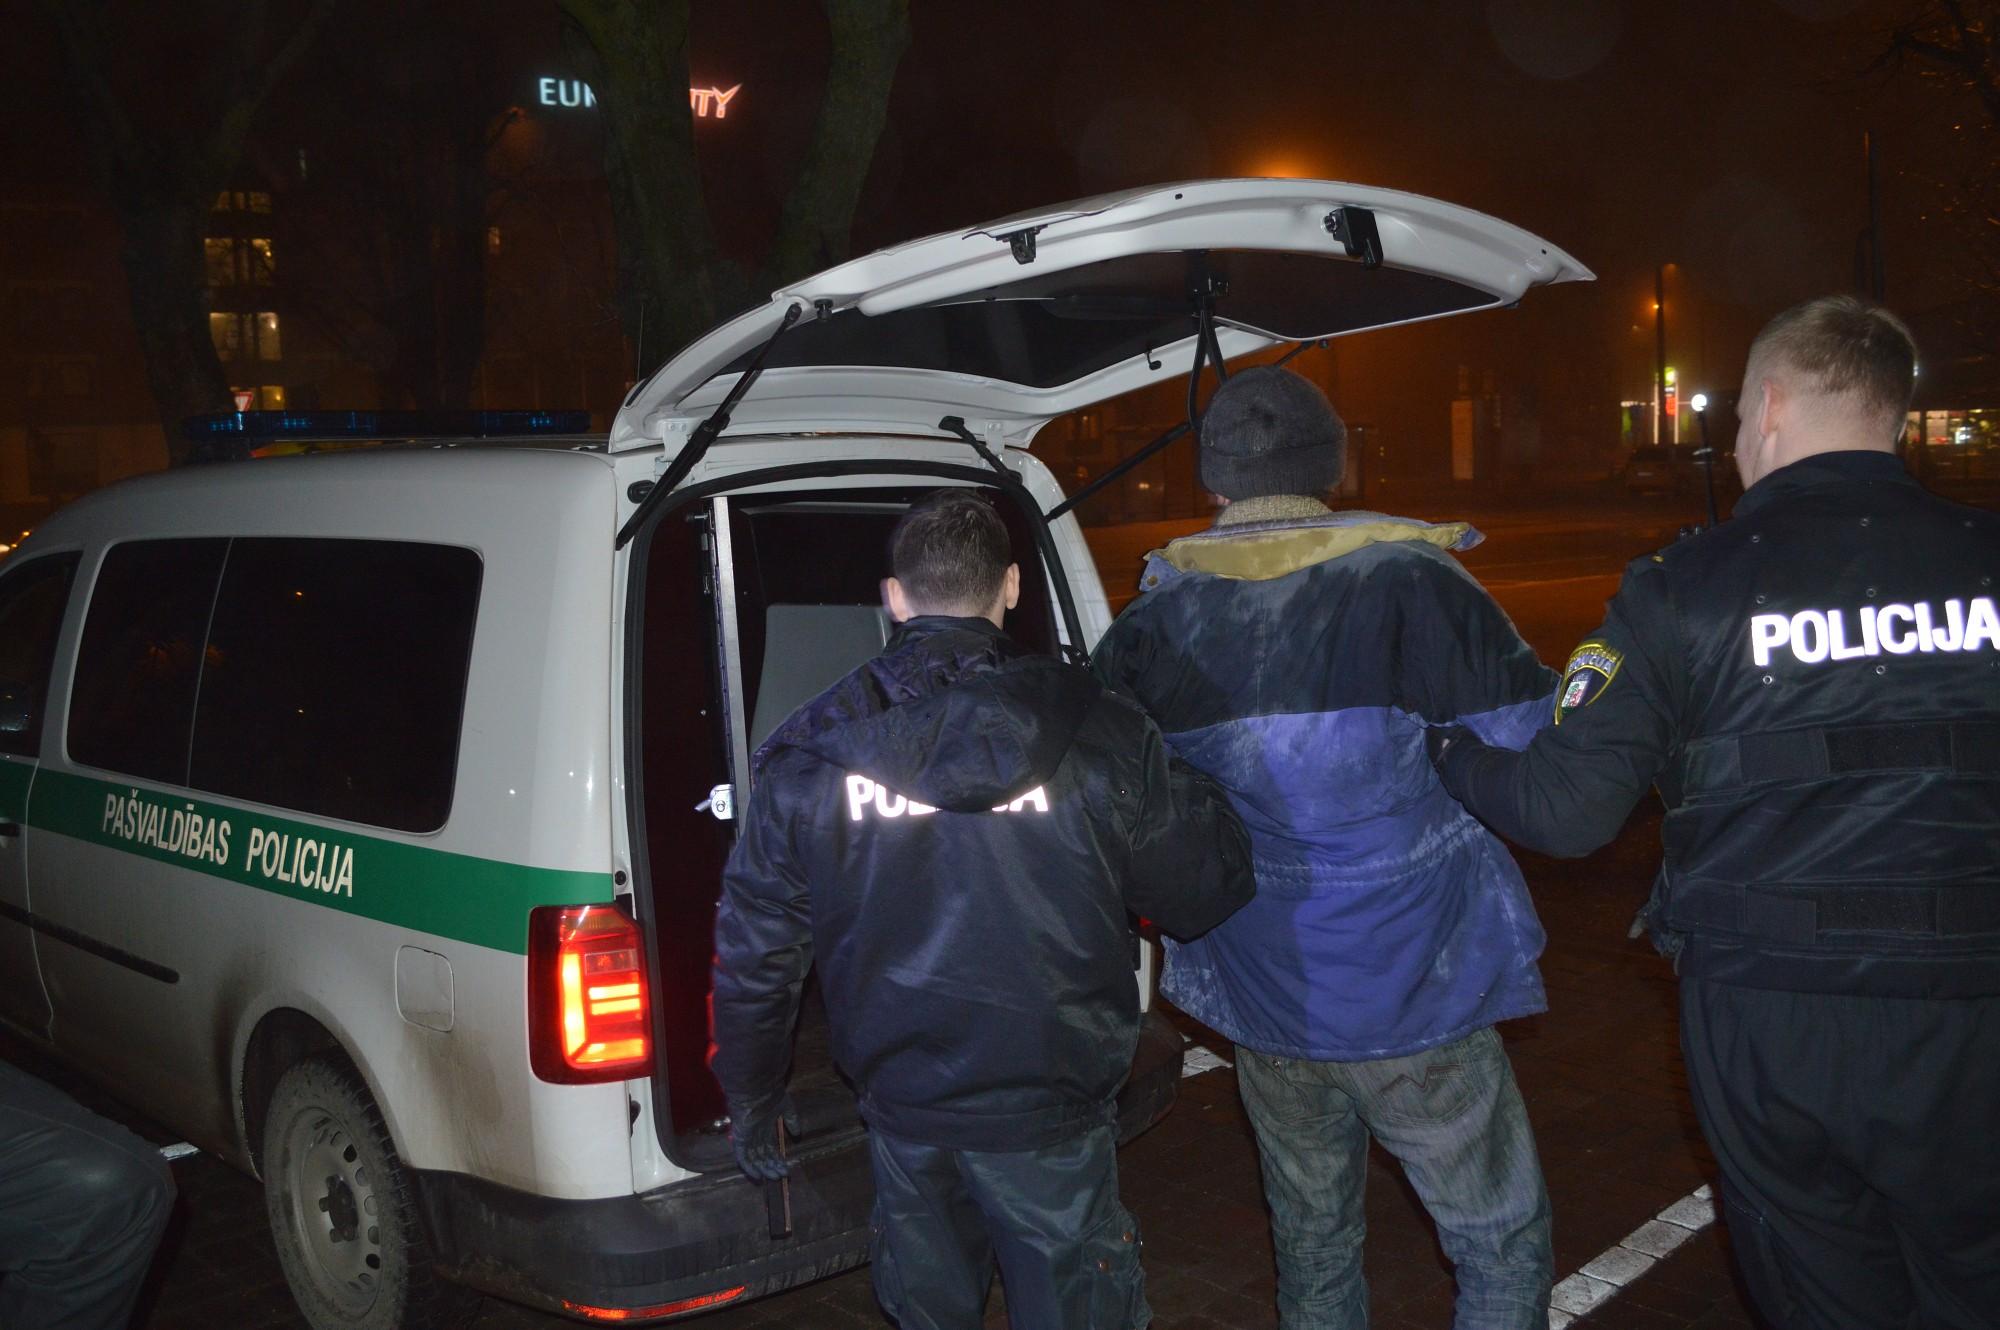 Reibumā krīt arī pie policijas ēkas